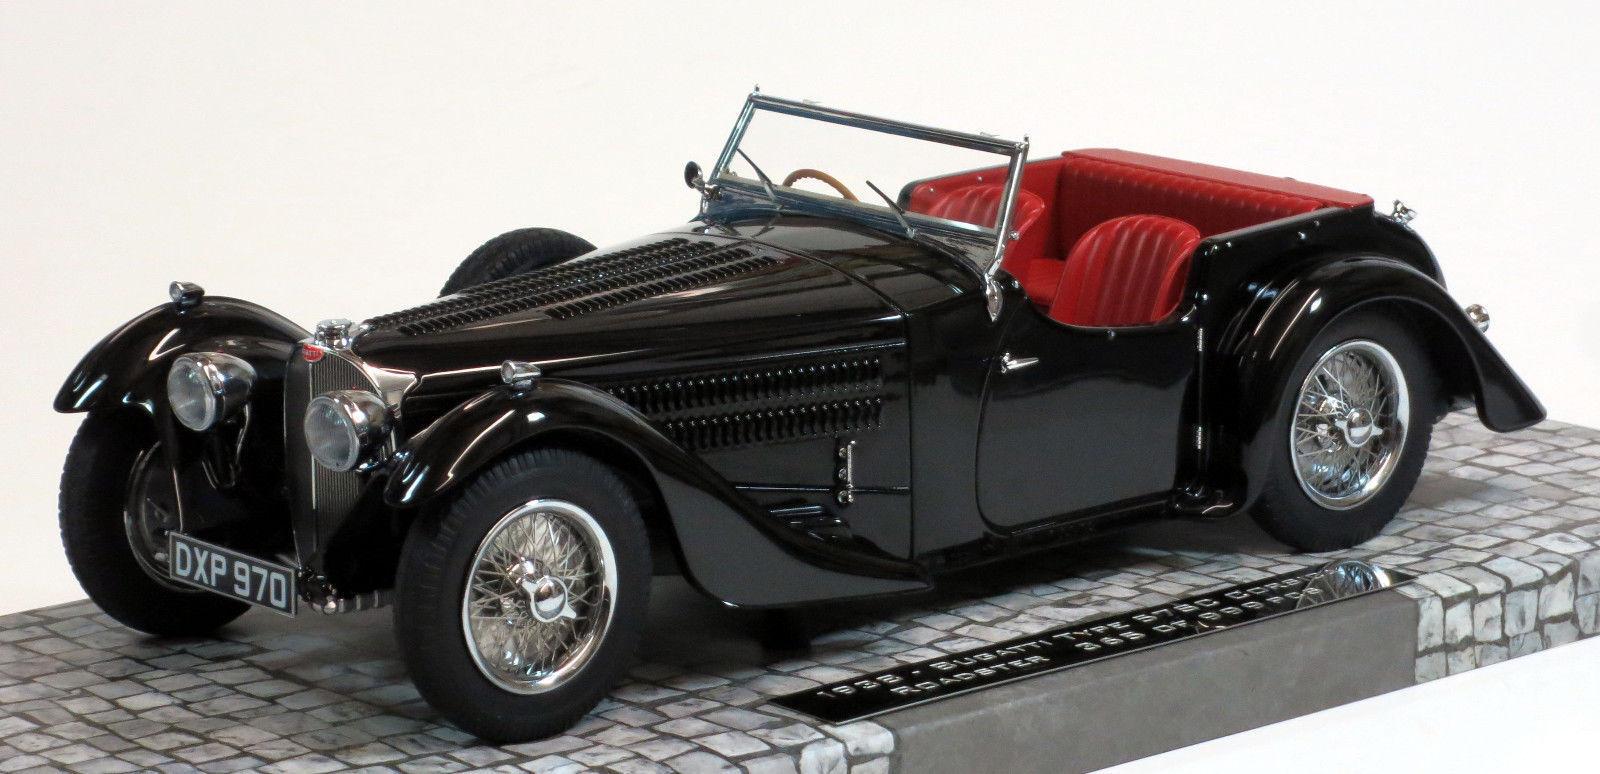 Todos los productos obtienen hasta un 34% de descuento. Minichamps 1937 Bugatti Tipo 57SC 57SC 57SC Córcega Roadster negrohawk Resina 1 18New artículo  mejor reputación